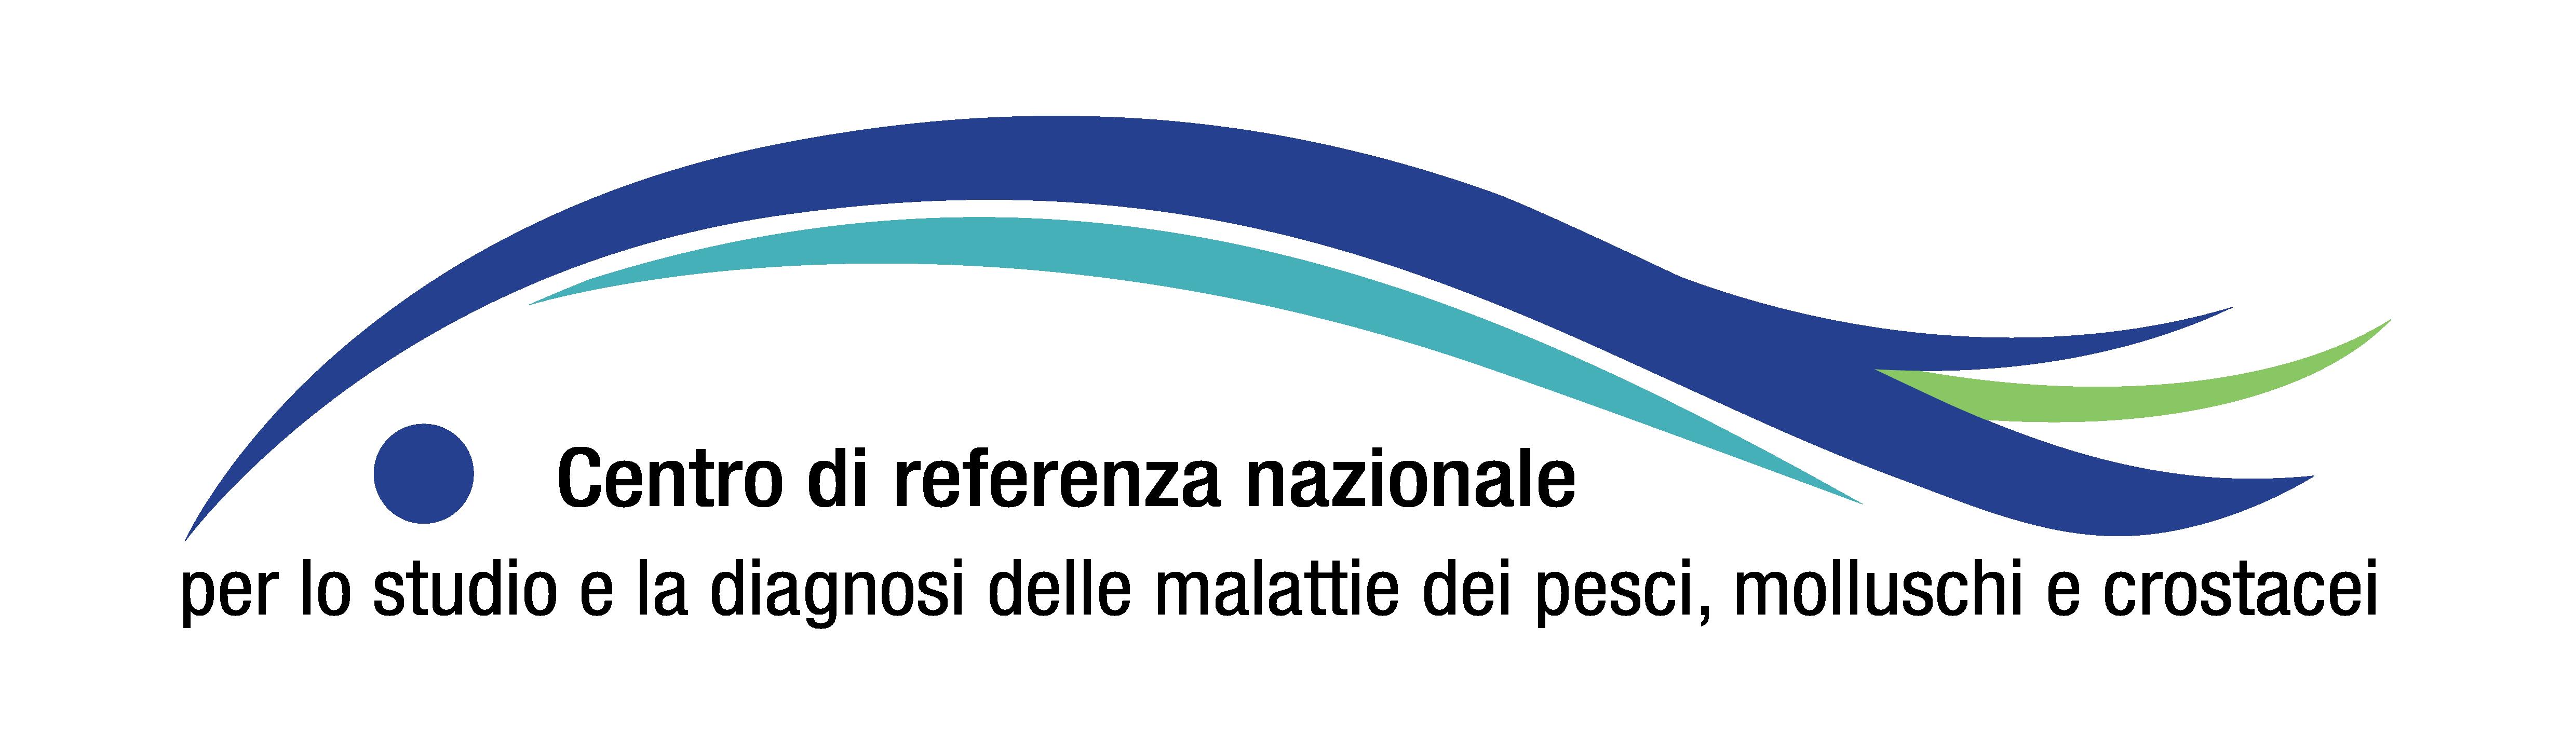 Logo Centro referenza nazionale pesci molluschi crostacei